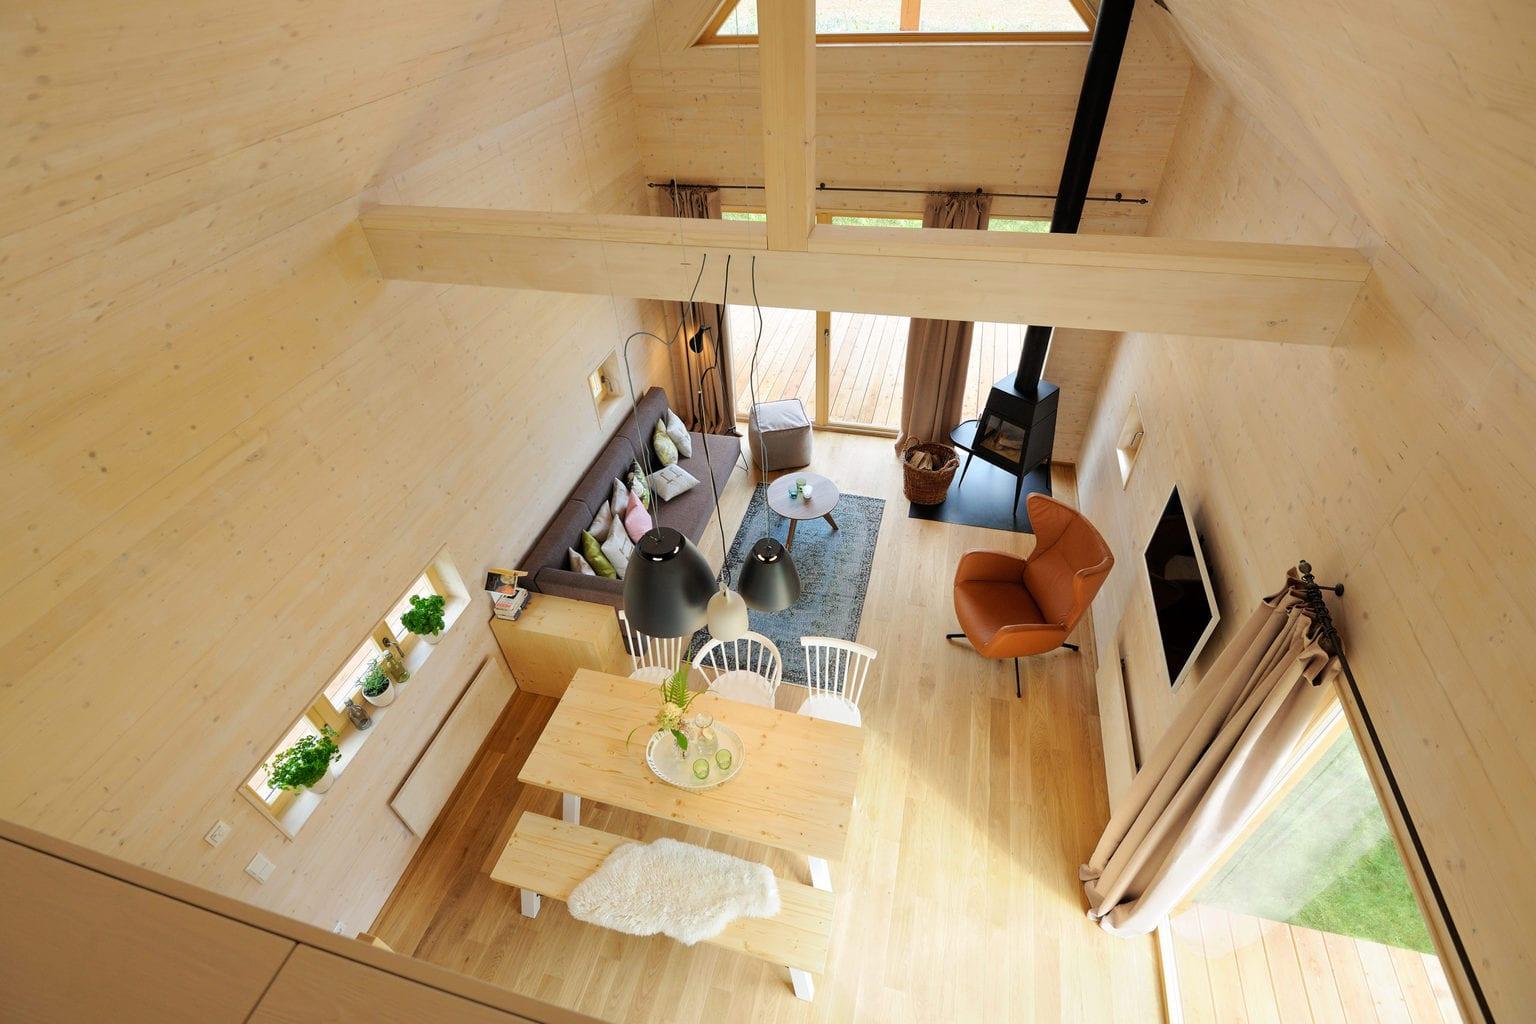 Natuurhuisje in Thüringen kompleet van hout gemaakt van boven